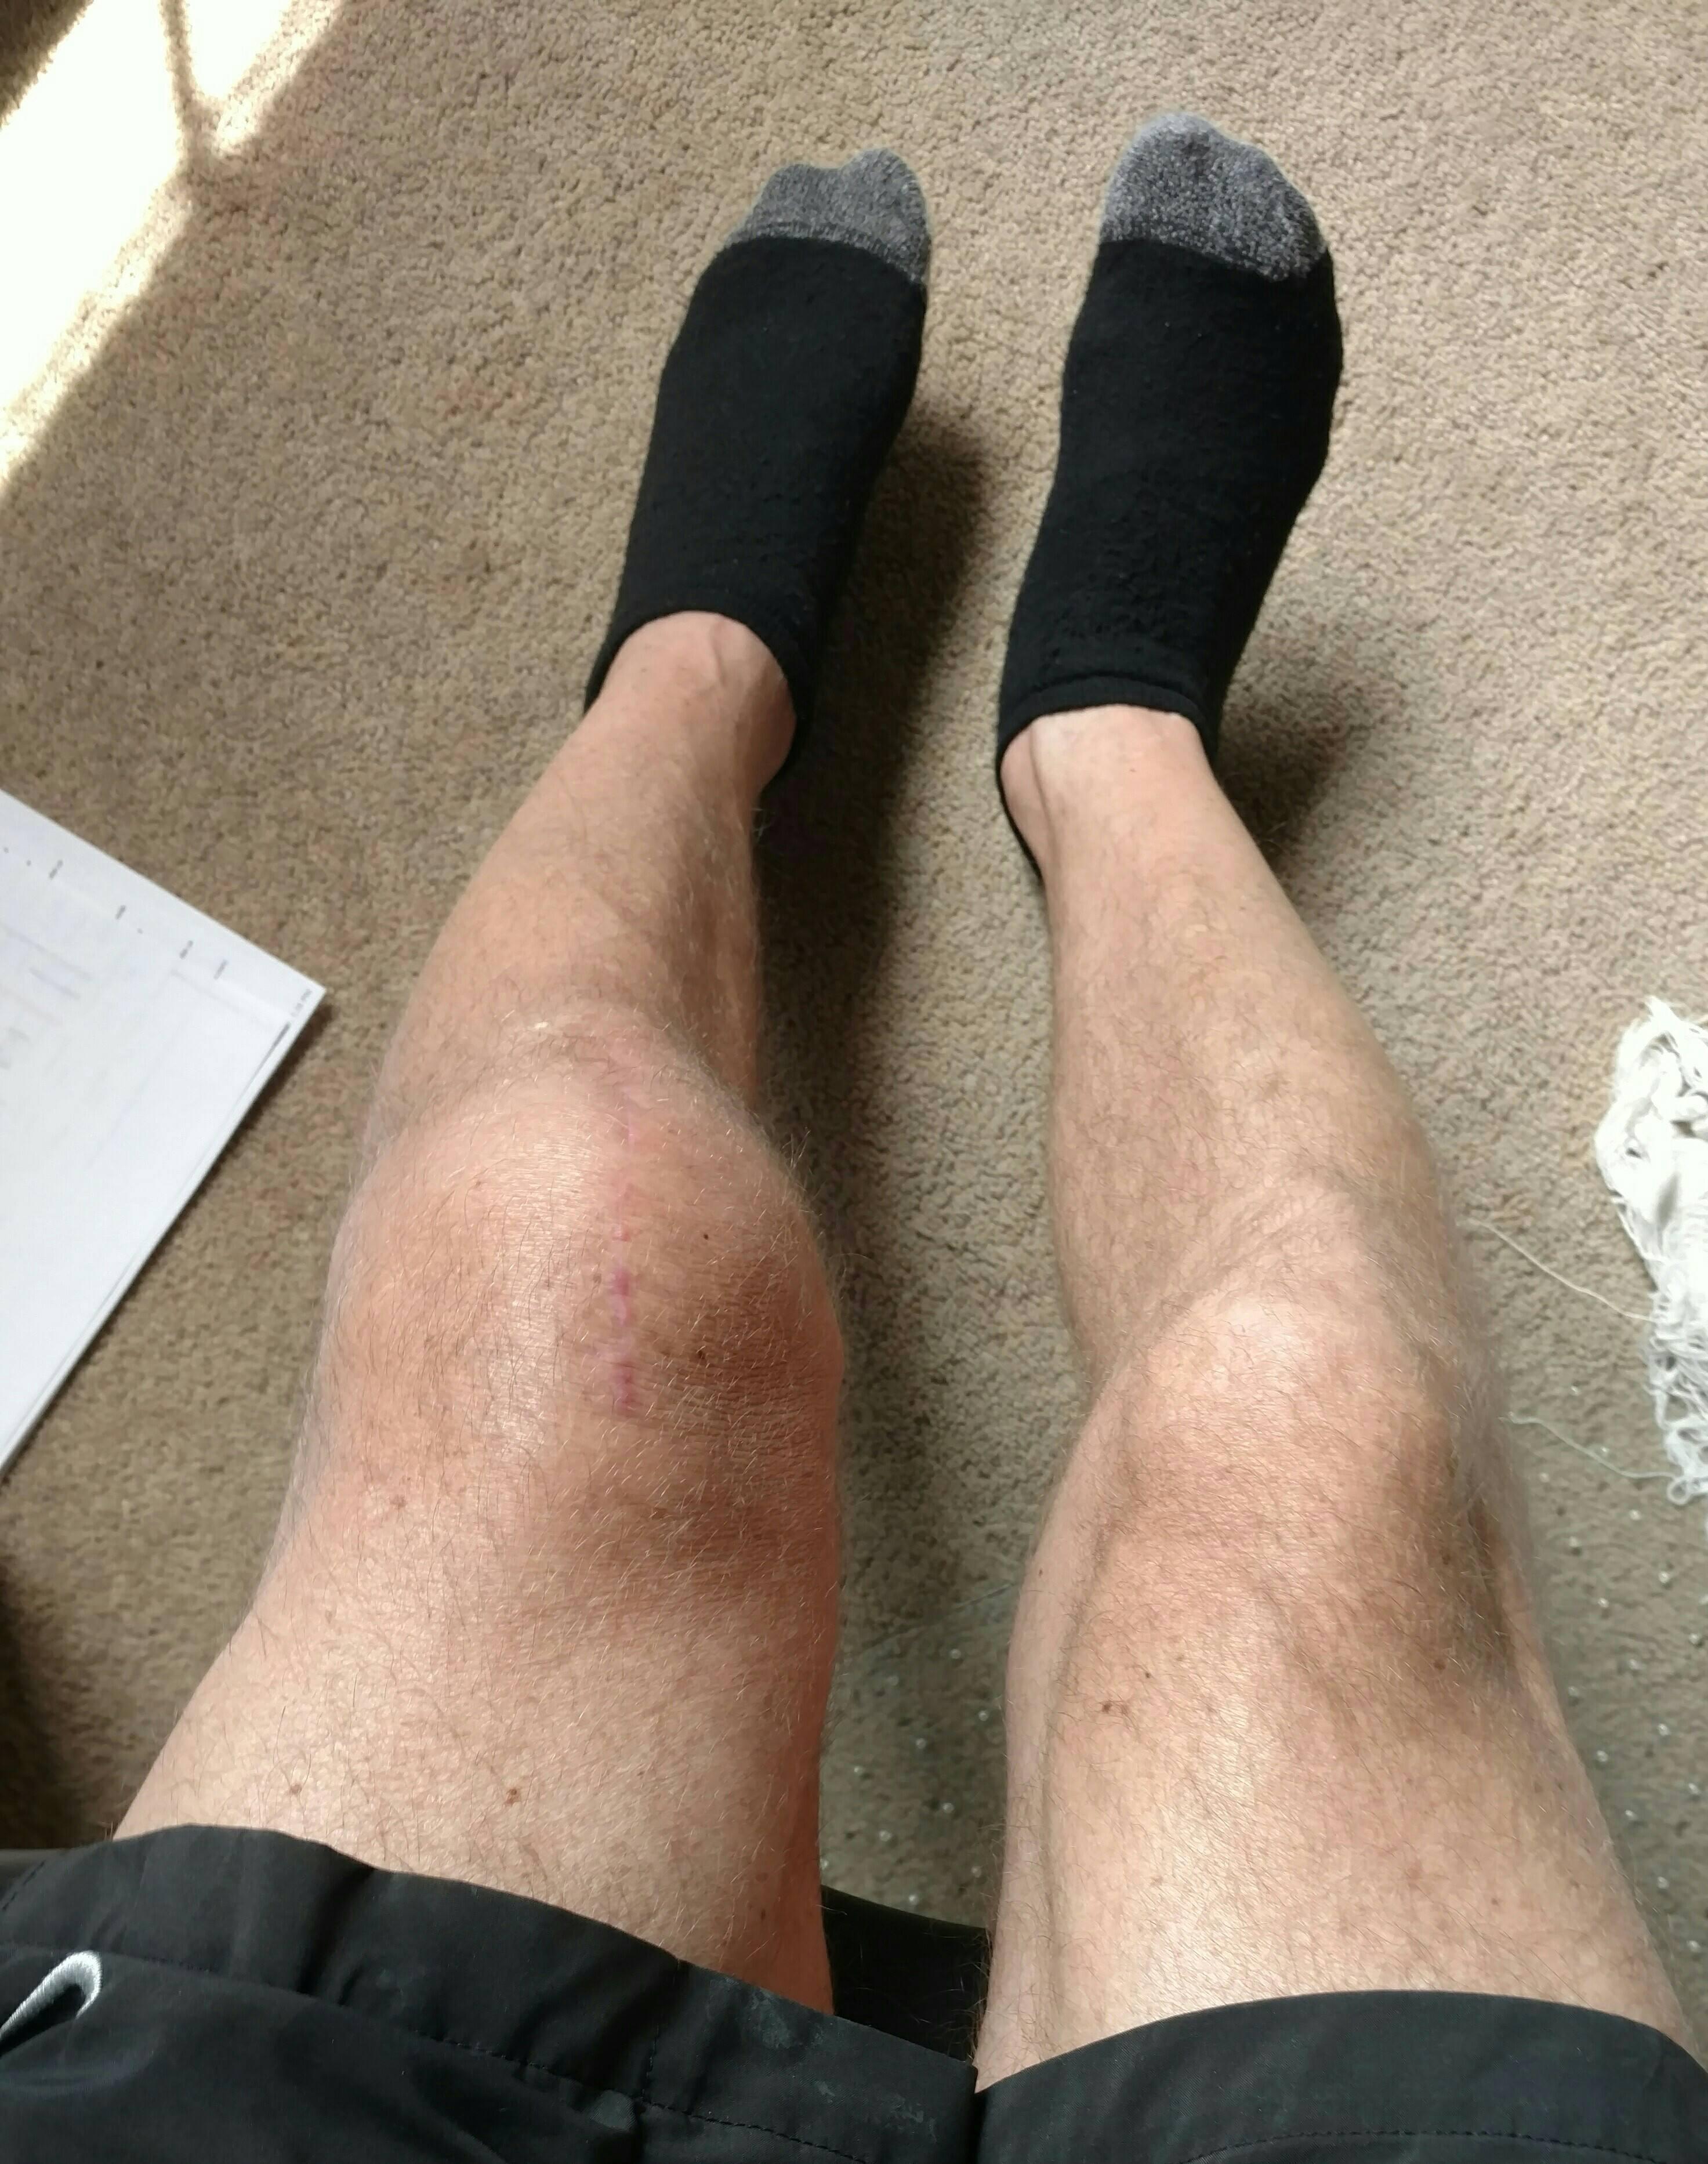 6 weeks post surgery left knee